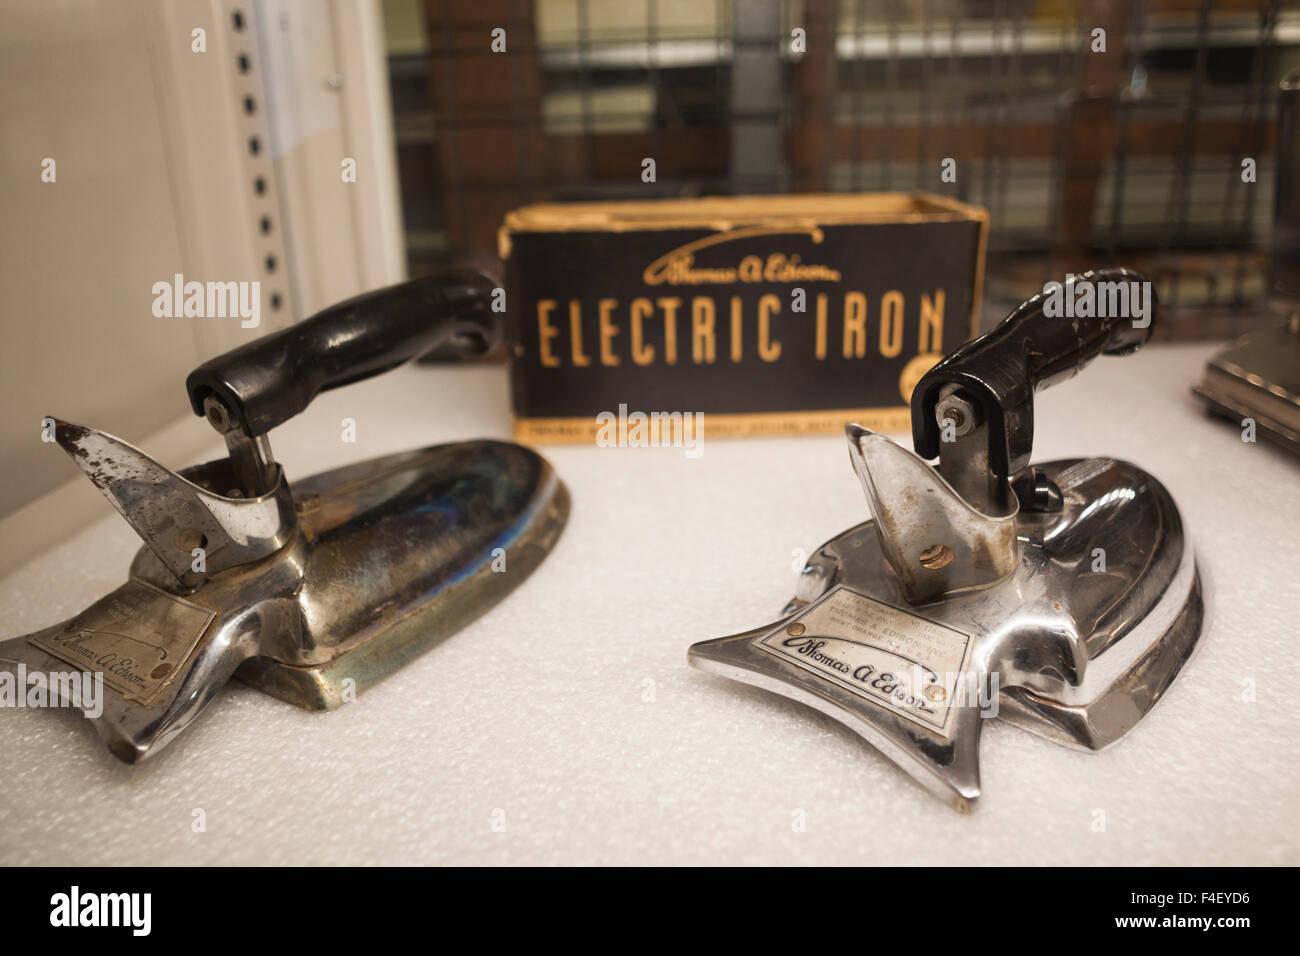 USA, New Jersey, West Orange, Thomas Edison National Historical Park, de l'intérieur, début de l'Edison Electric fer à repasser Banque D'Images